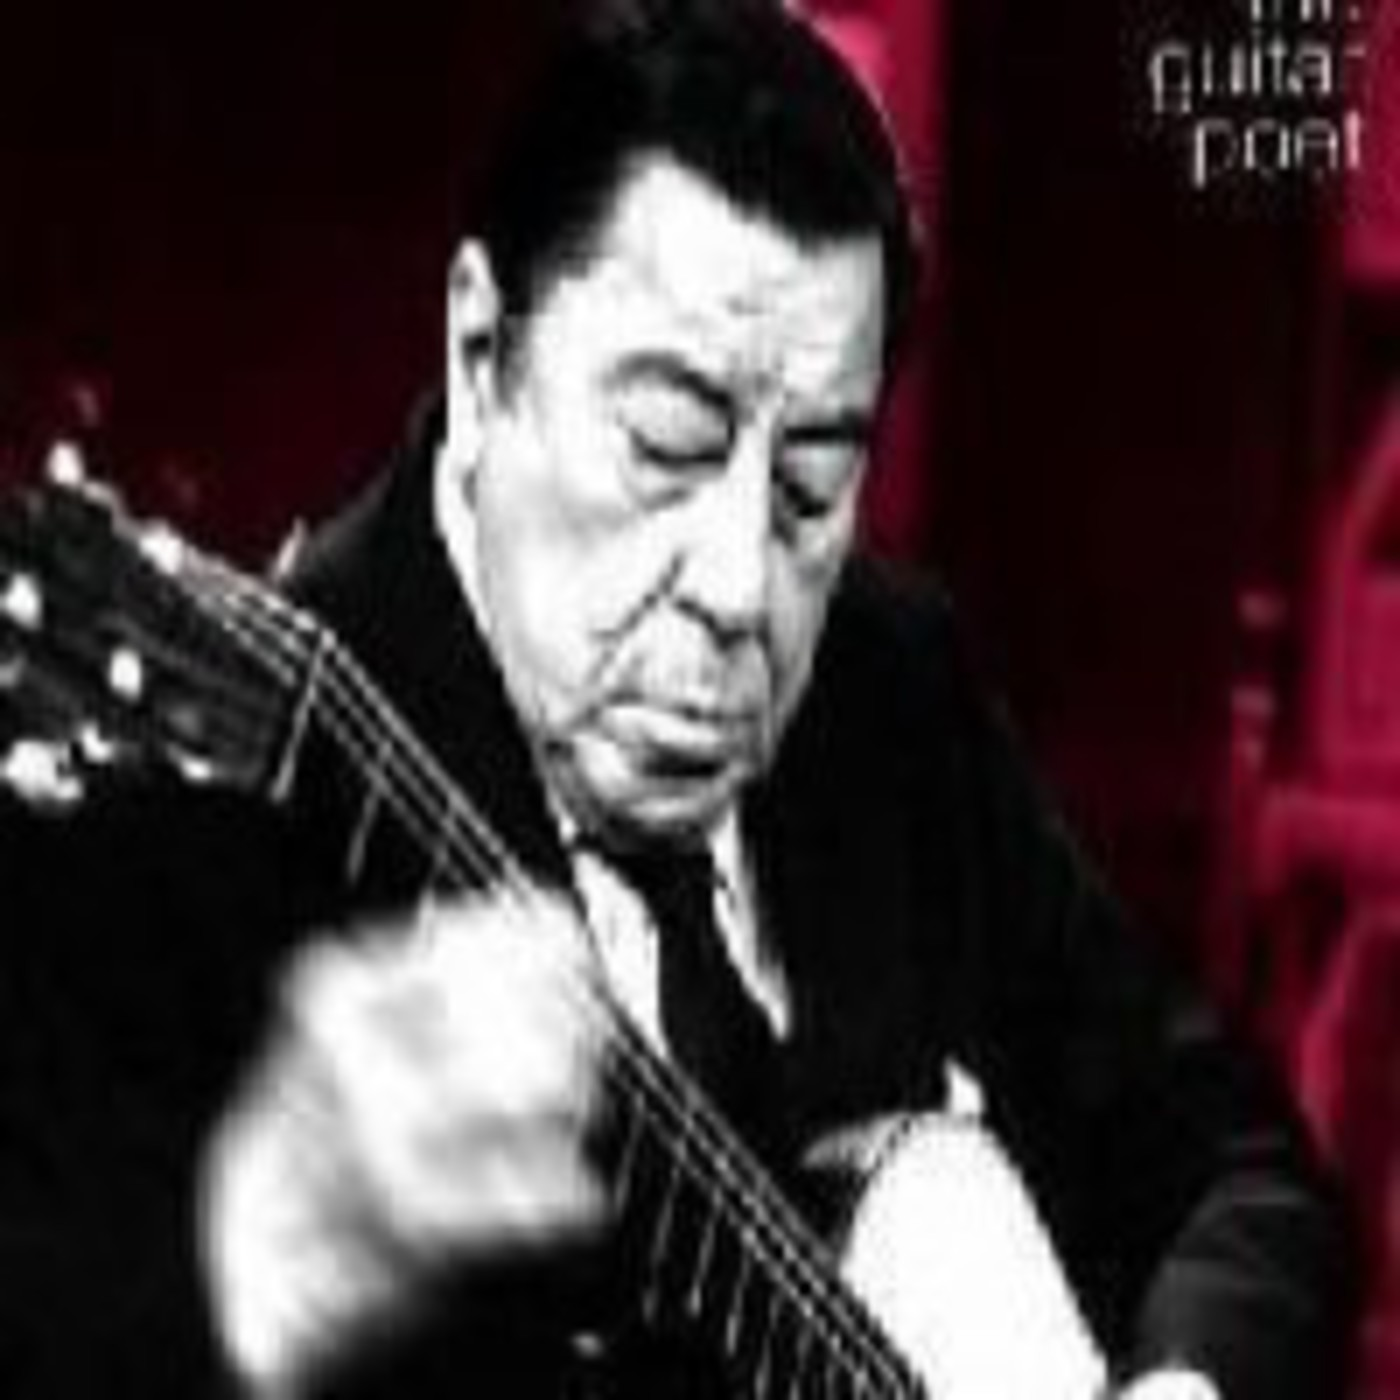 Atahualpa Yupanqui - Preguntitas sobre dios en Podcast El Ortiba en  mp3(21/05 a las 18:35:48) 03:53 1238307 - iVoox